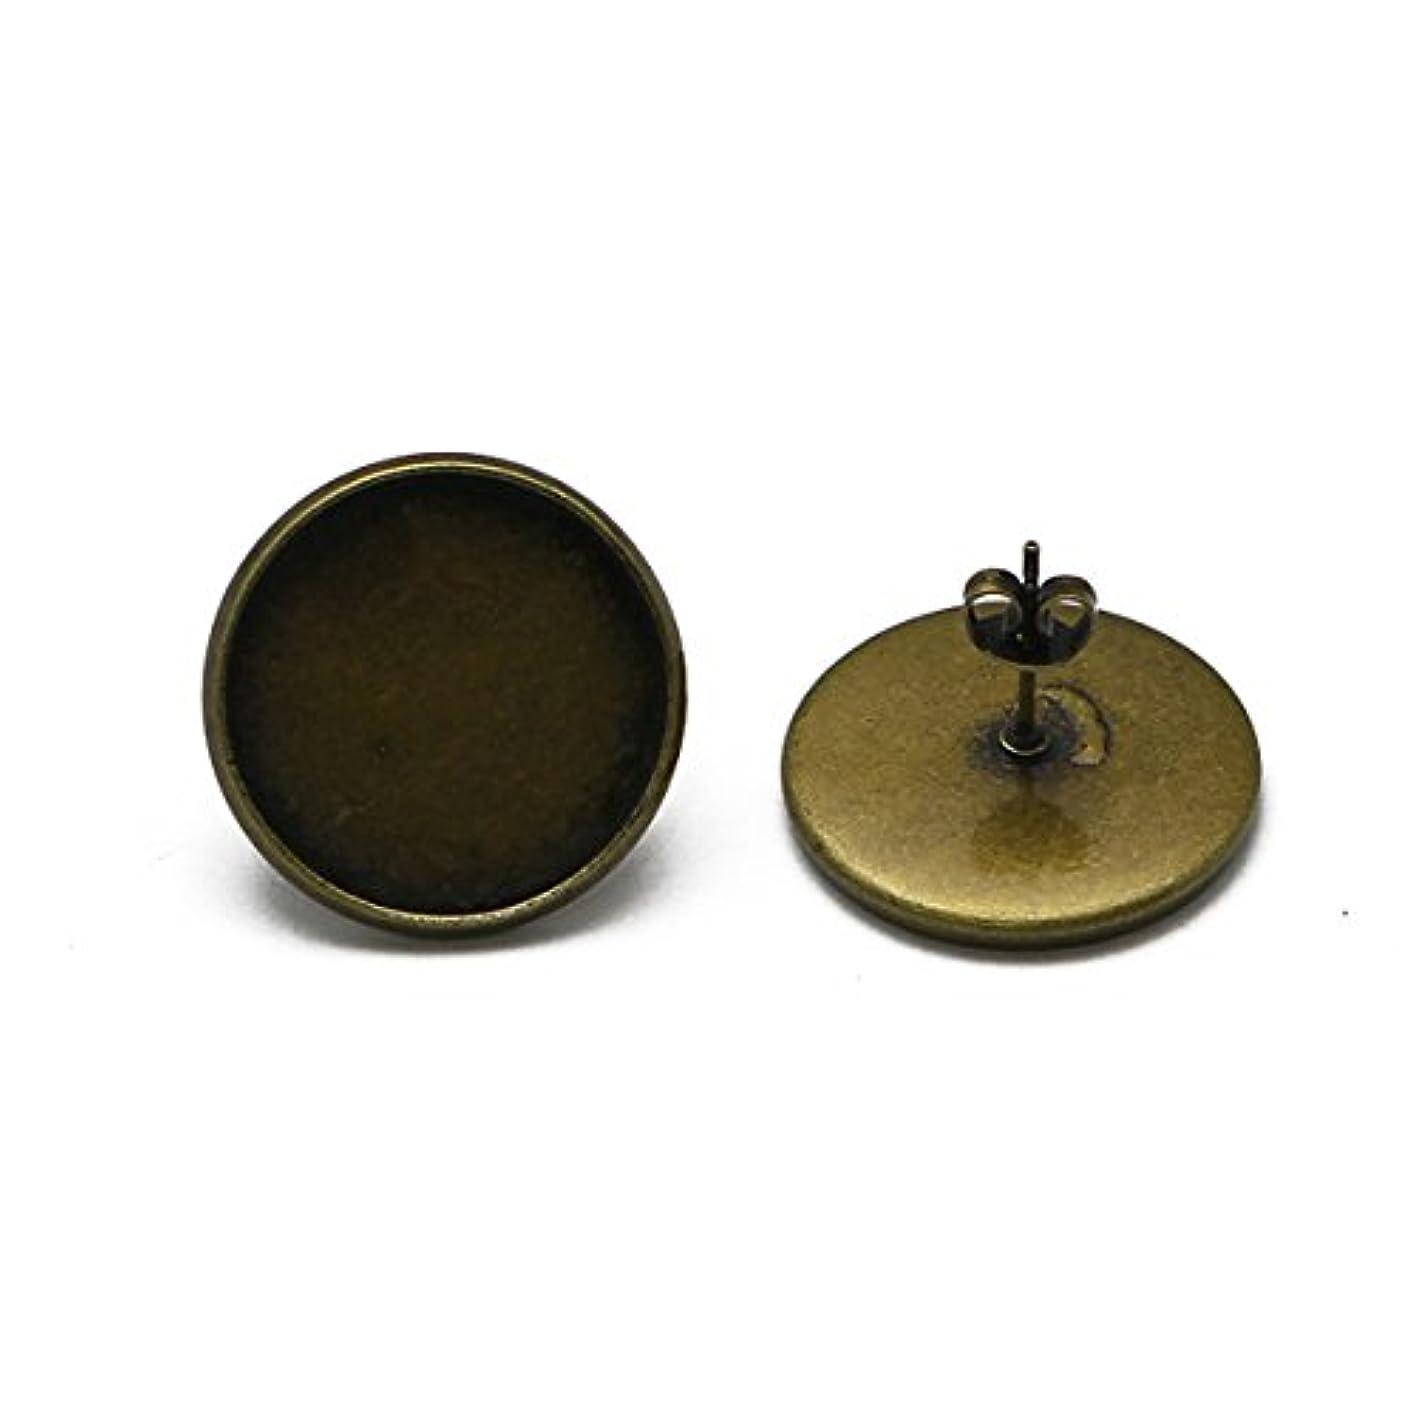 Brass most fashion diy jewelry unique design post earring 8mm stud earring post of stud earrings ssjxnvzqqwx338